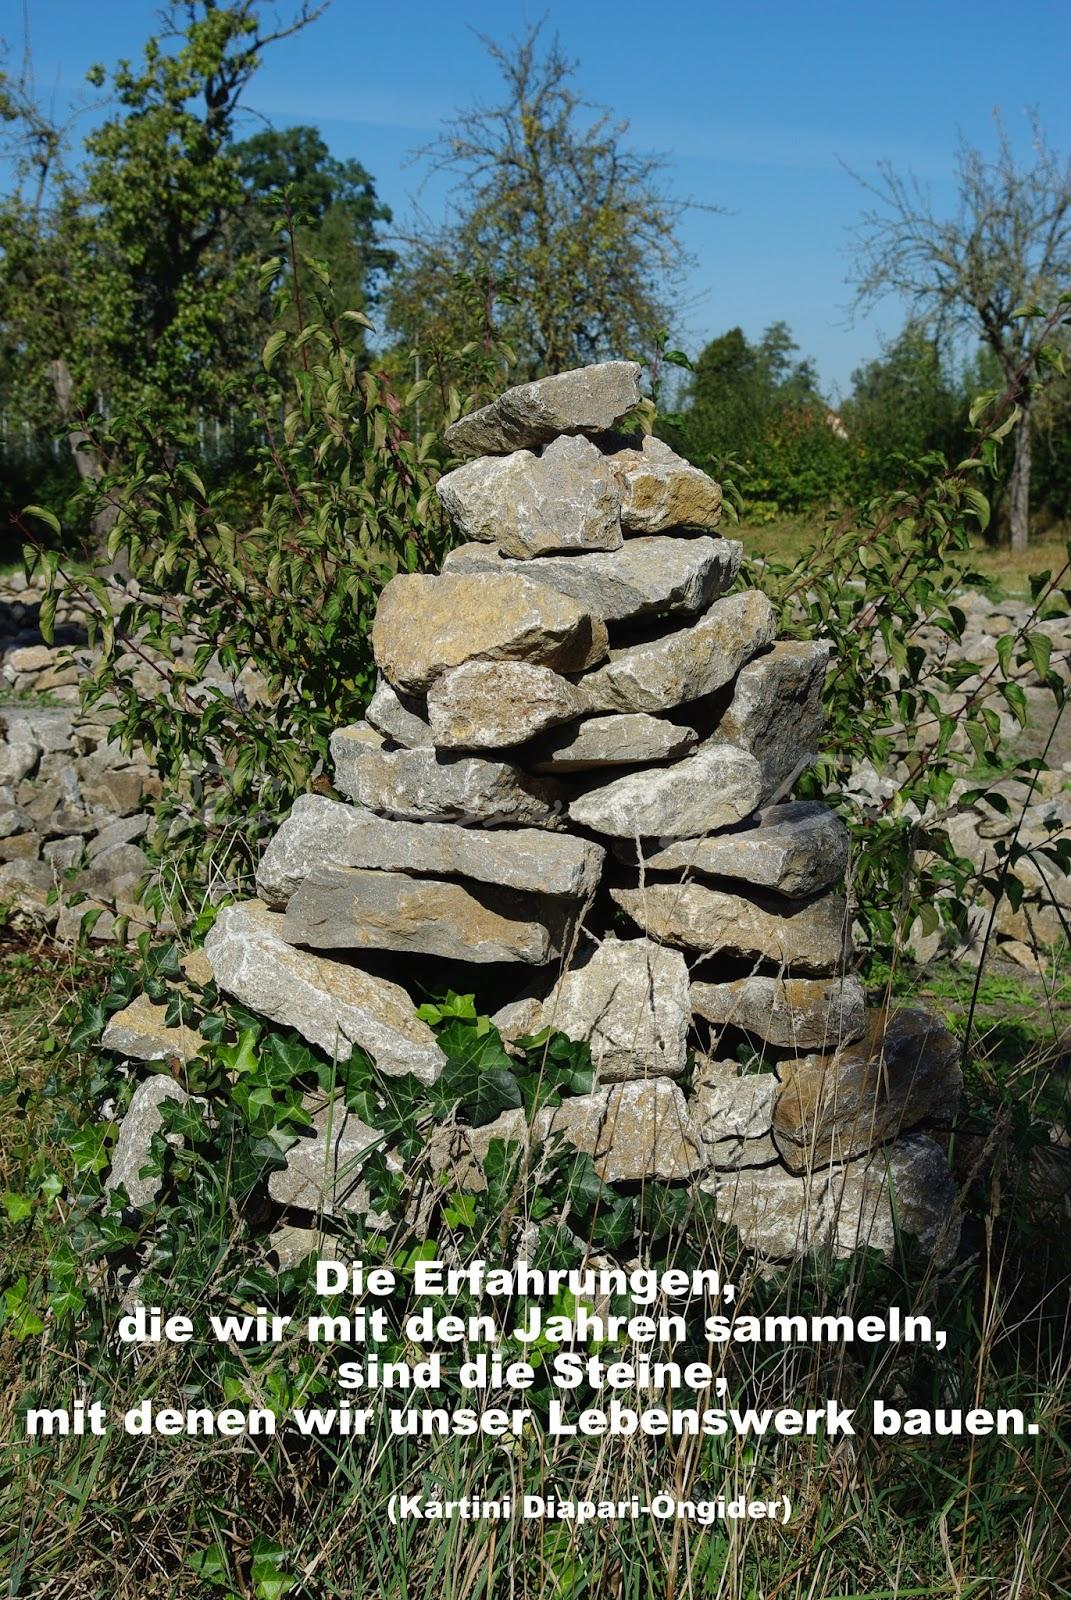 Die Erfahrungen, die wir mit den Jahren sammeln, sind die Steine, mit denen wir unser Lebenswerk bauen.